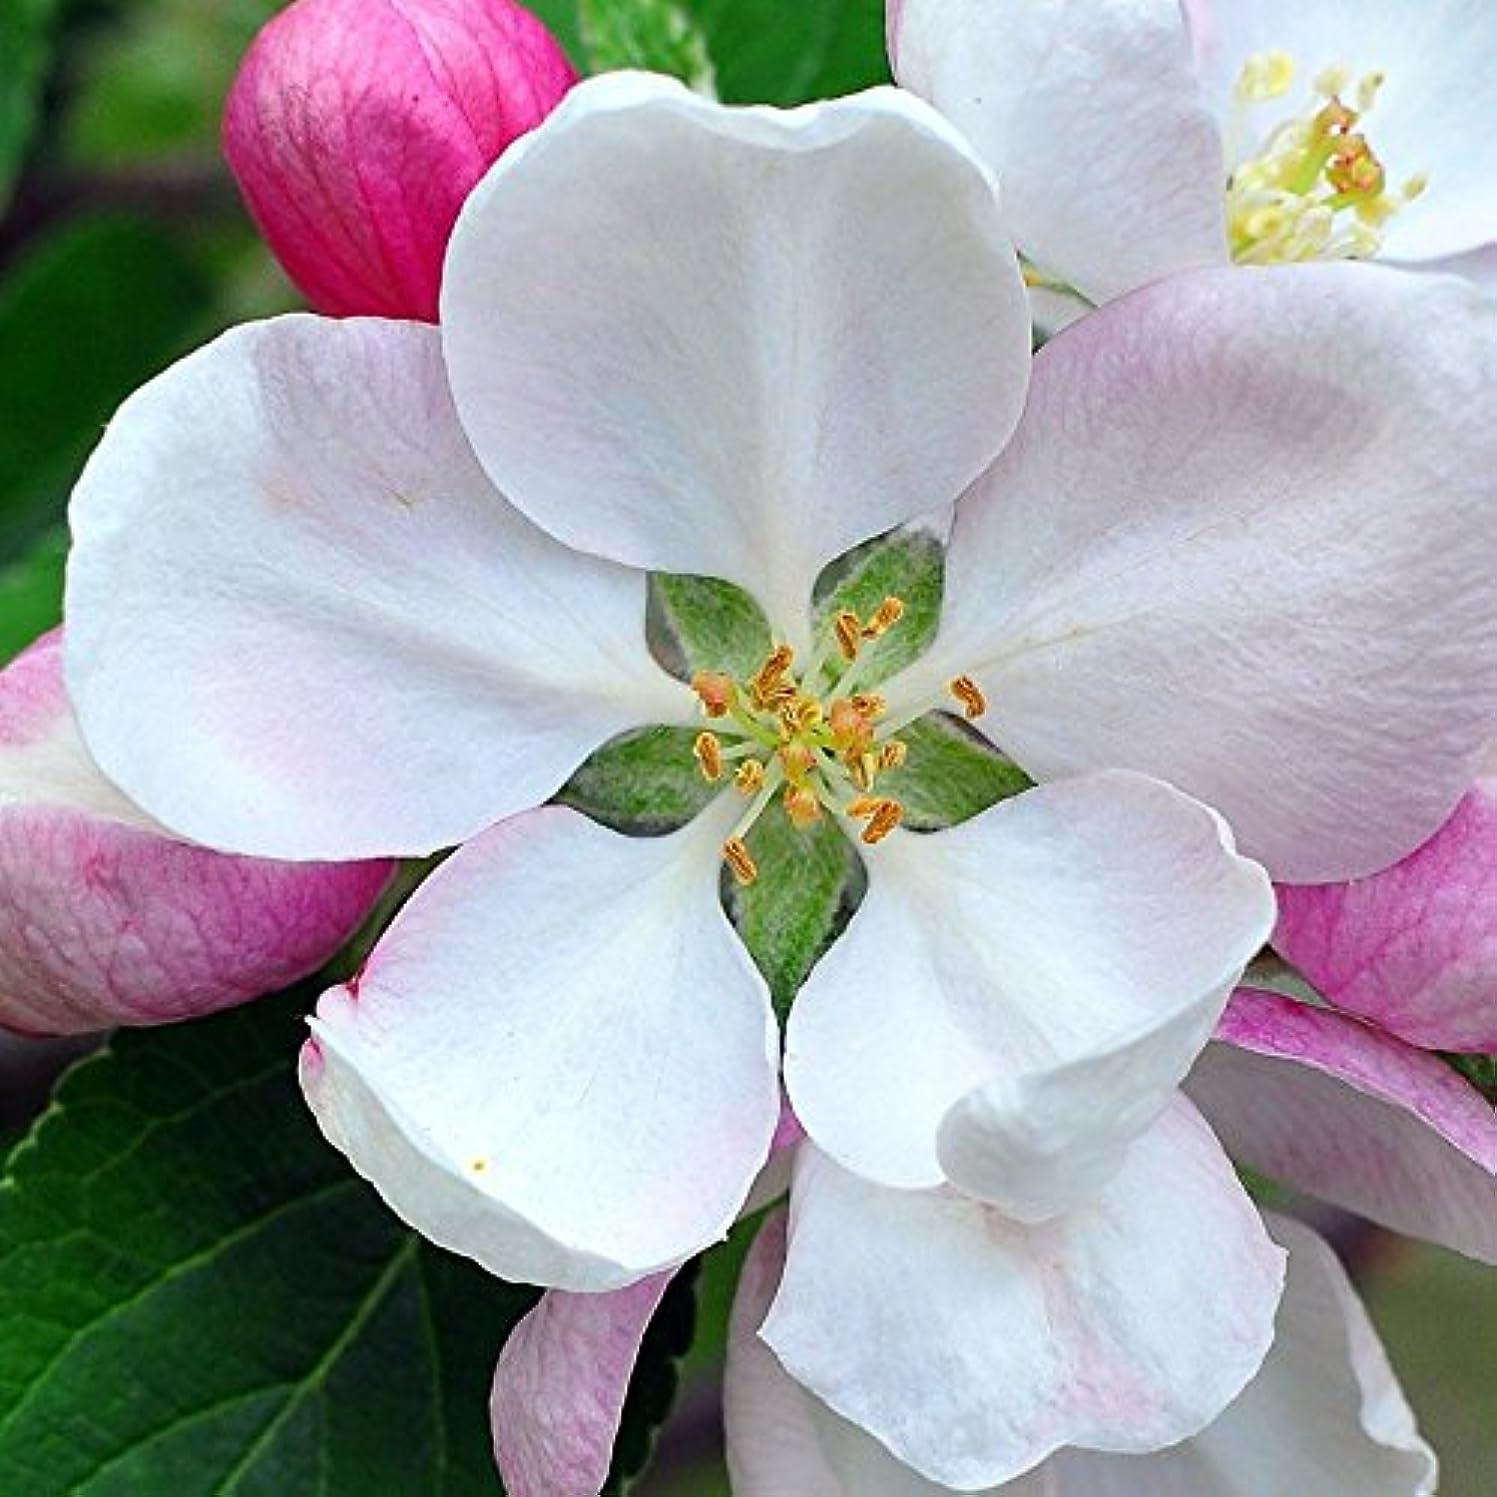 活性化断片ロック解除アロマフレグランスオイル 日本モクレン(Japanese Magnolia)